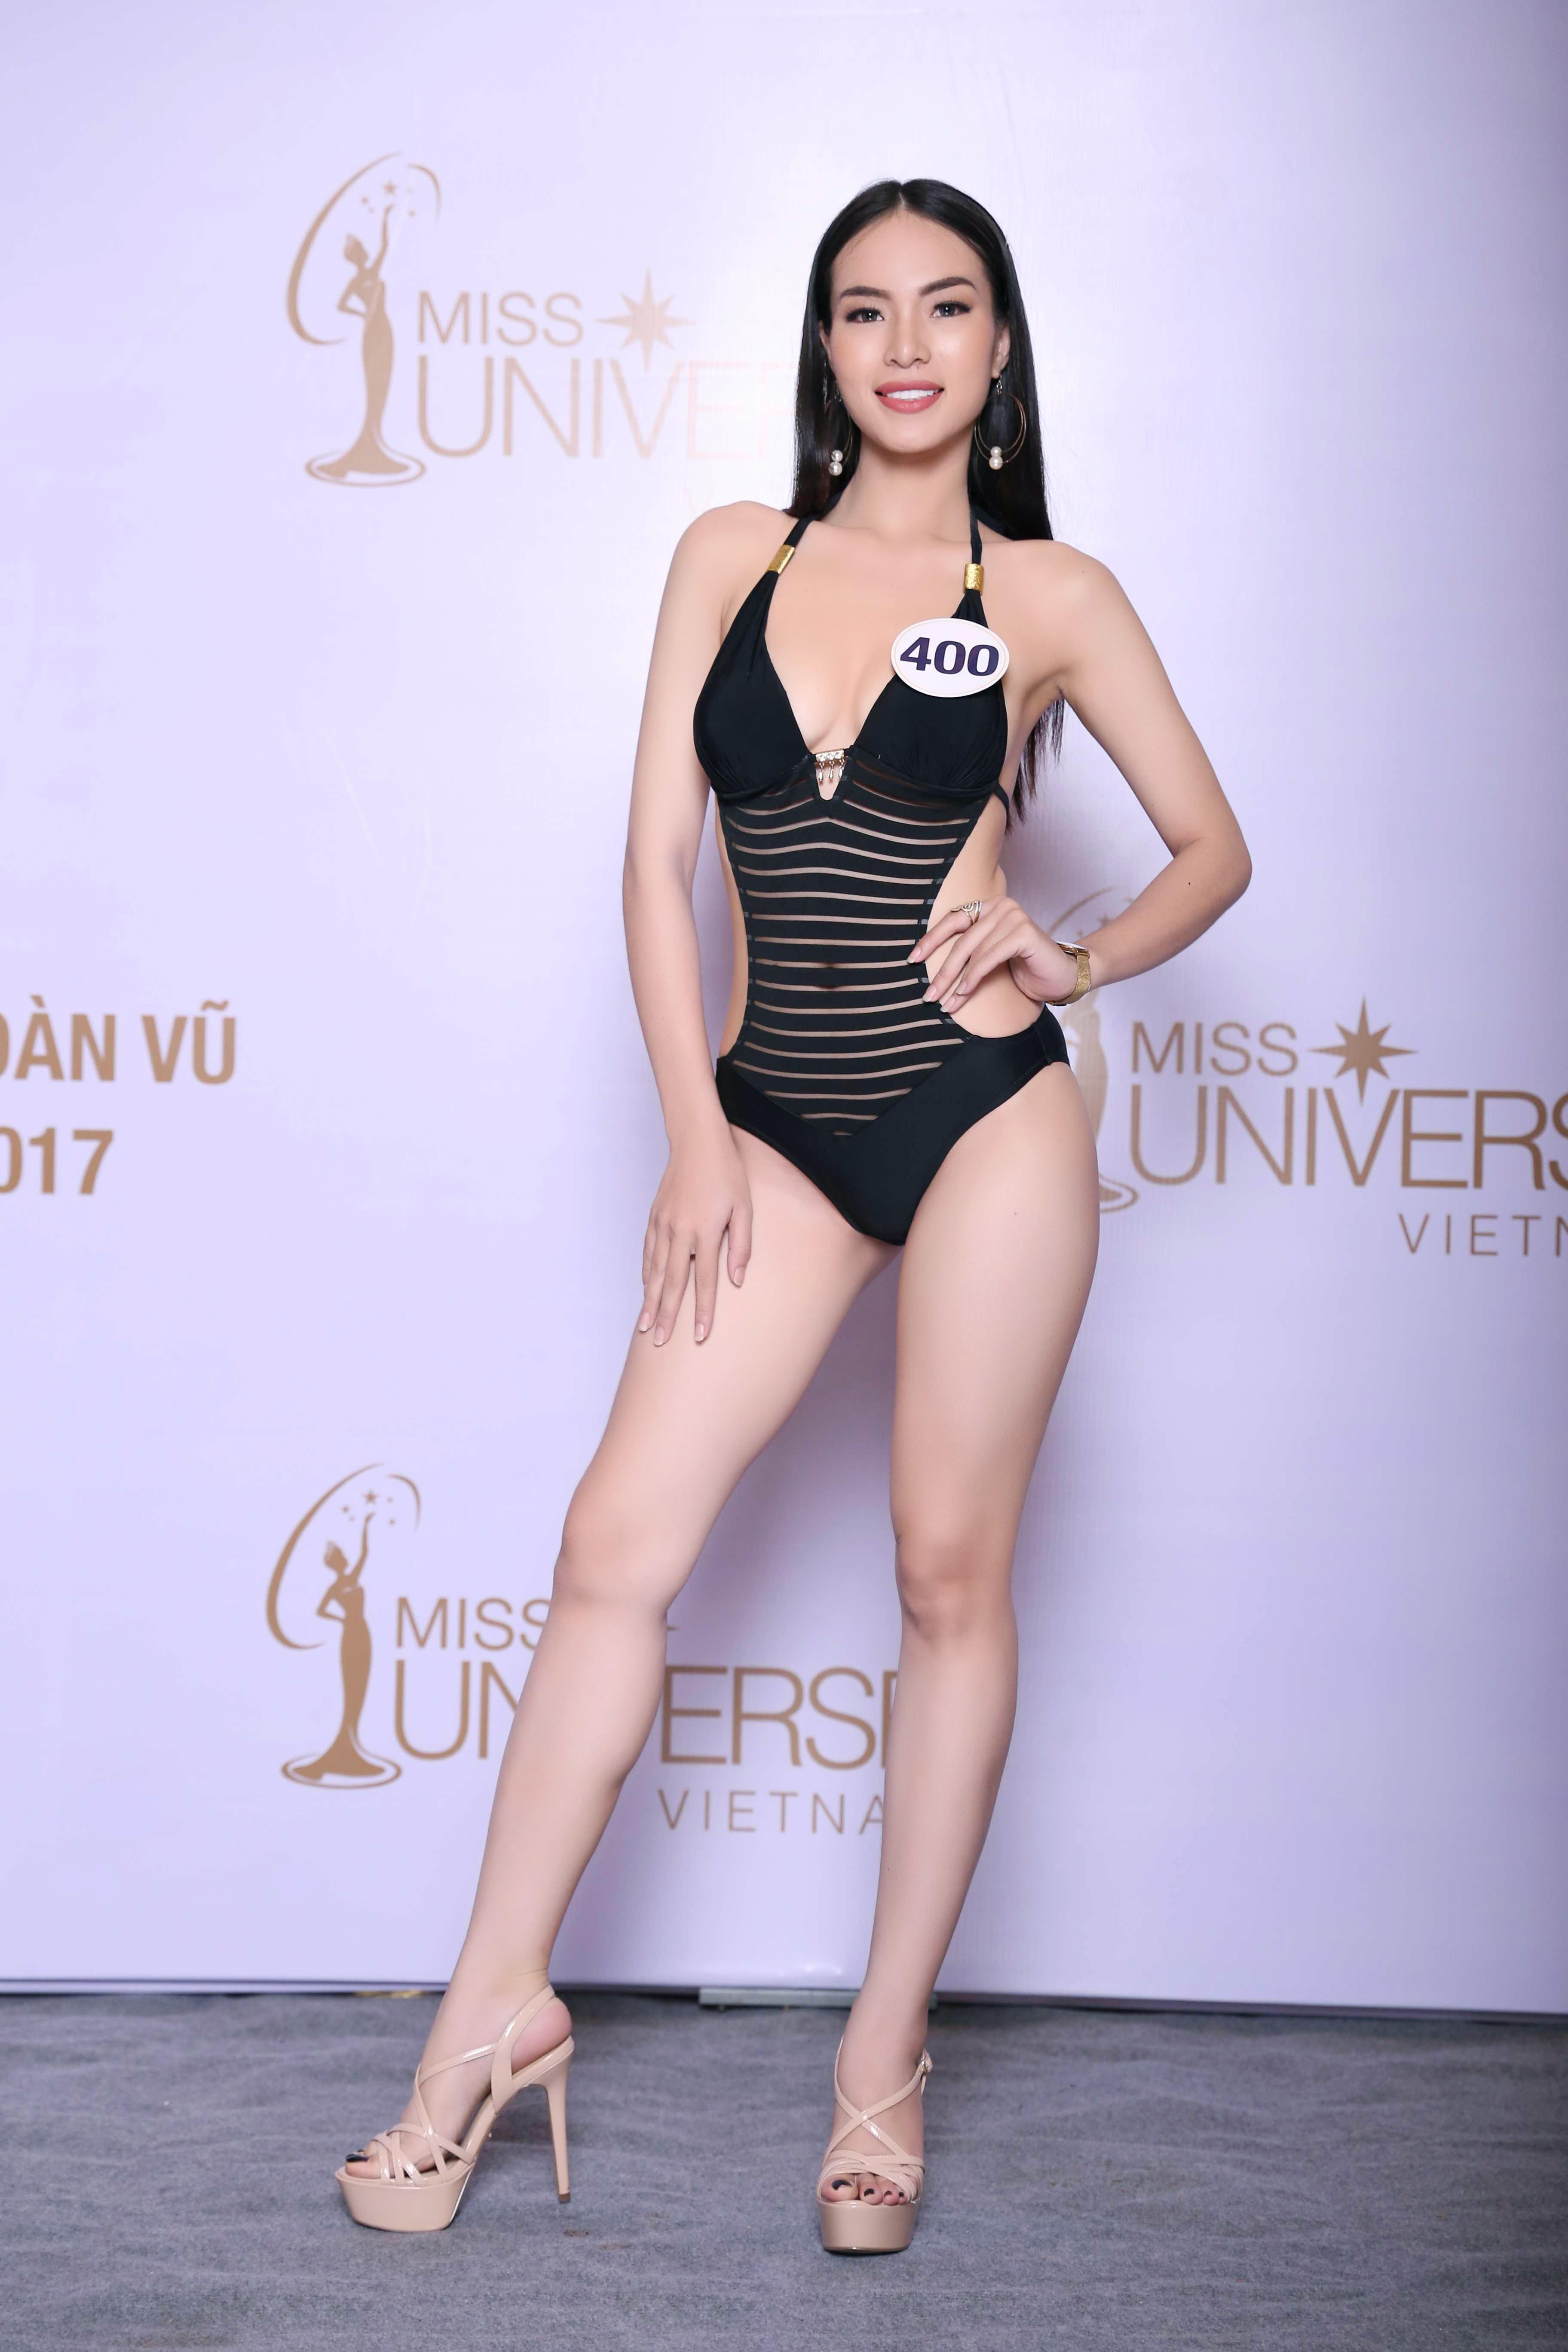 Cận cảnh hình ảnh bikini của Hoàng Thùy, Mâu Thủy, Mai Ngô... tại Hoa hậu Hoàn vũ, ai nuột nhất? - Ảnh 11.